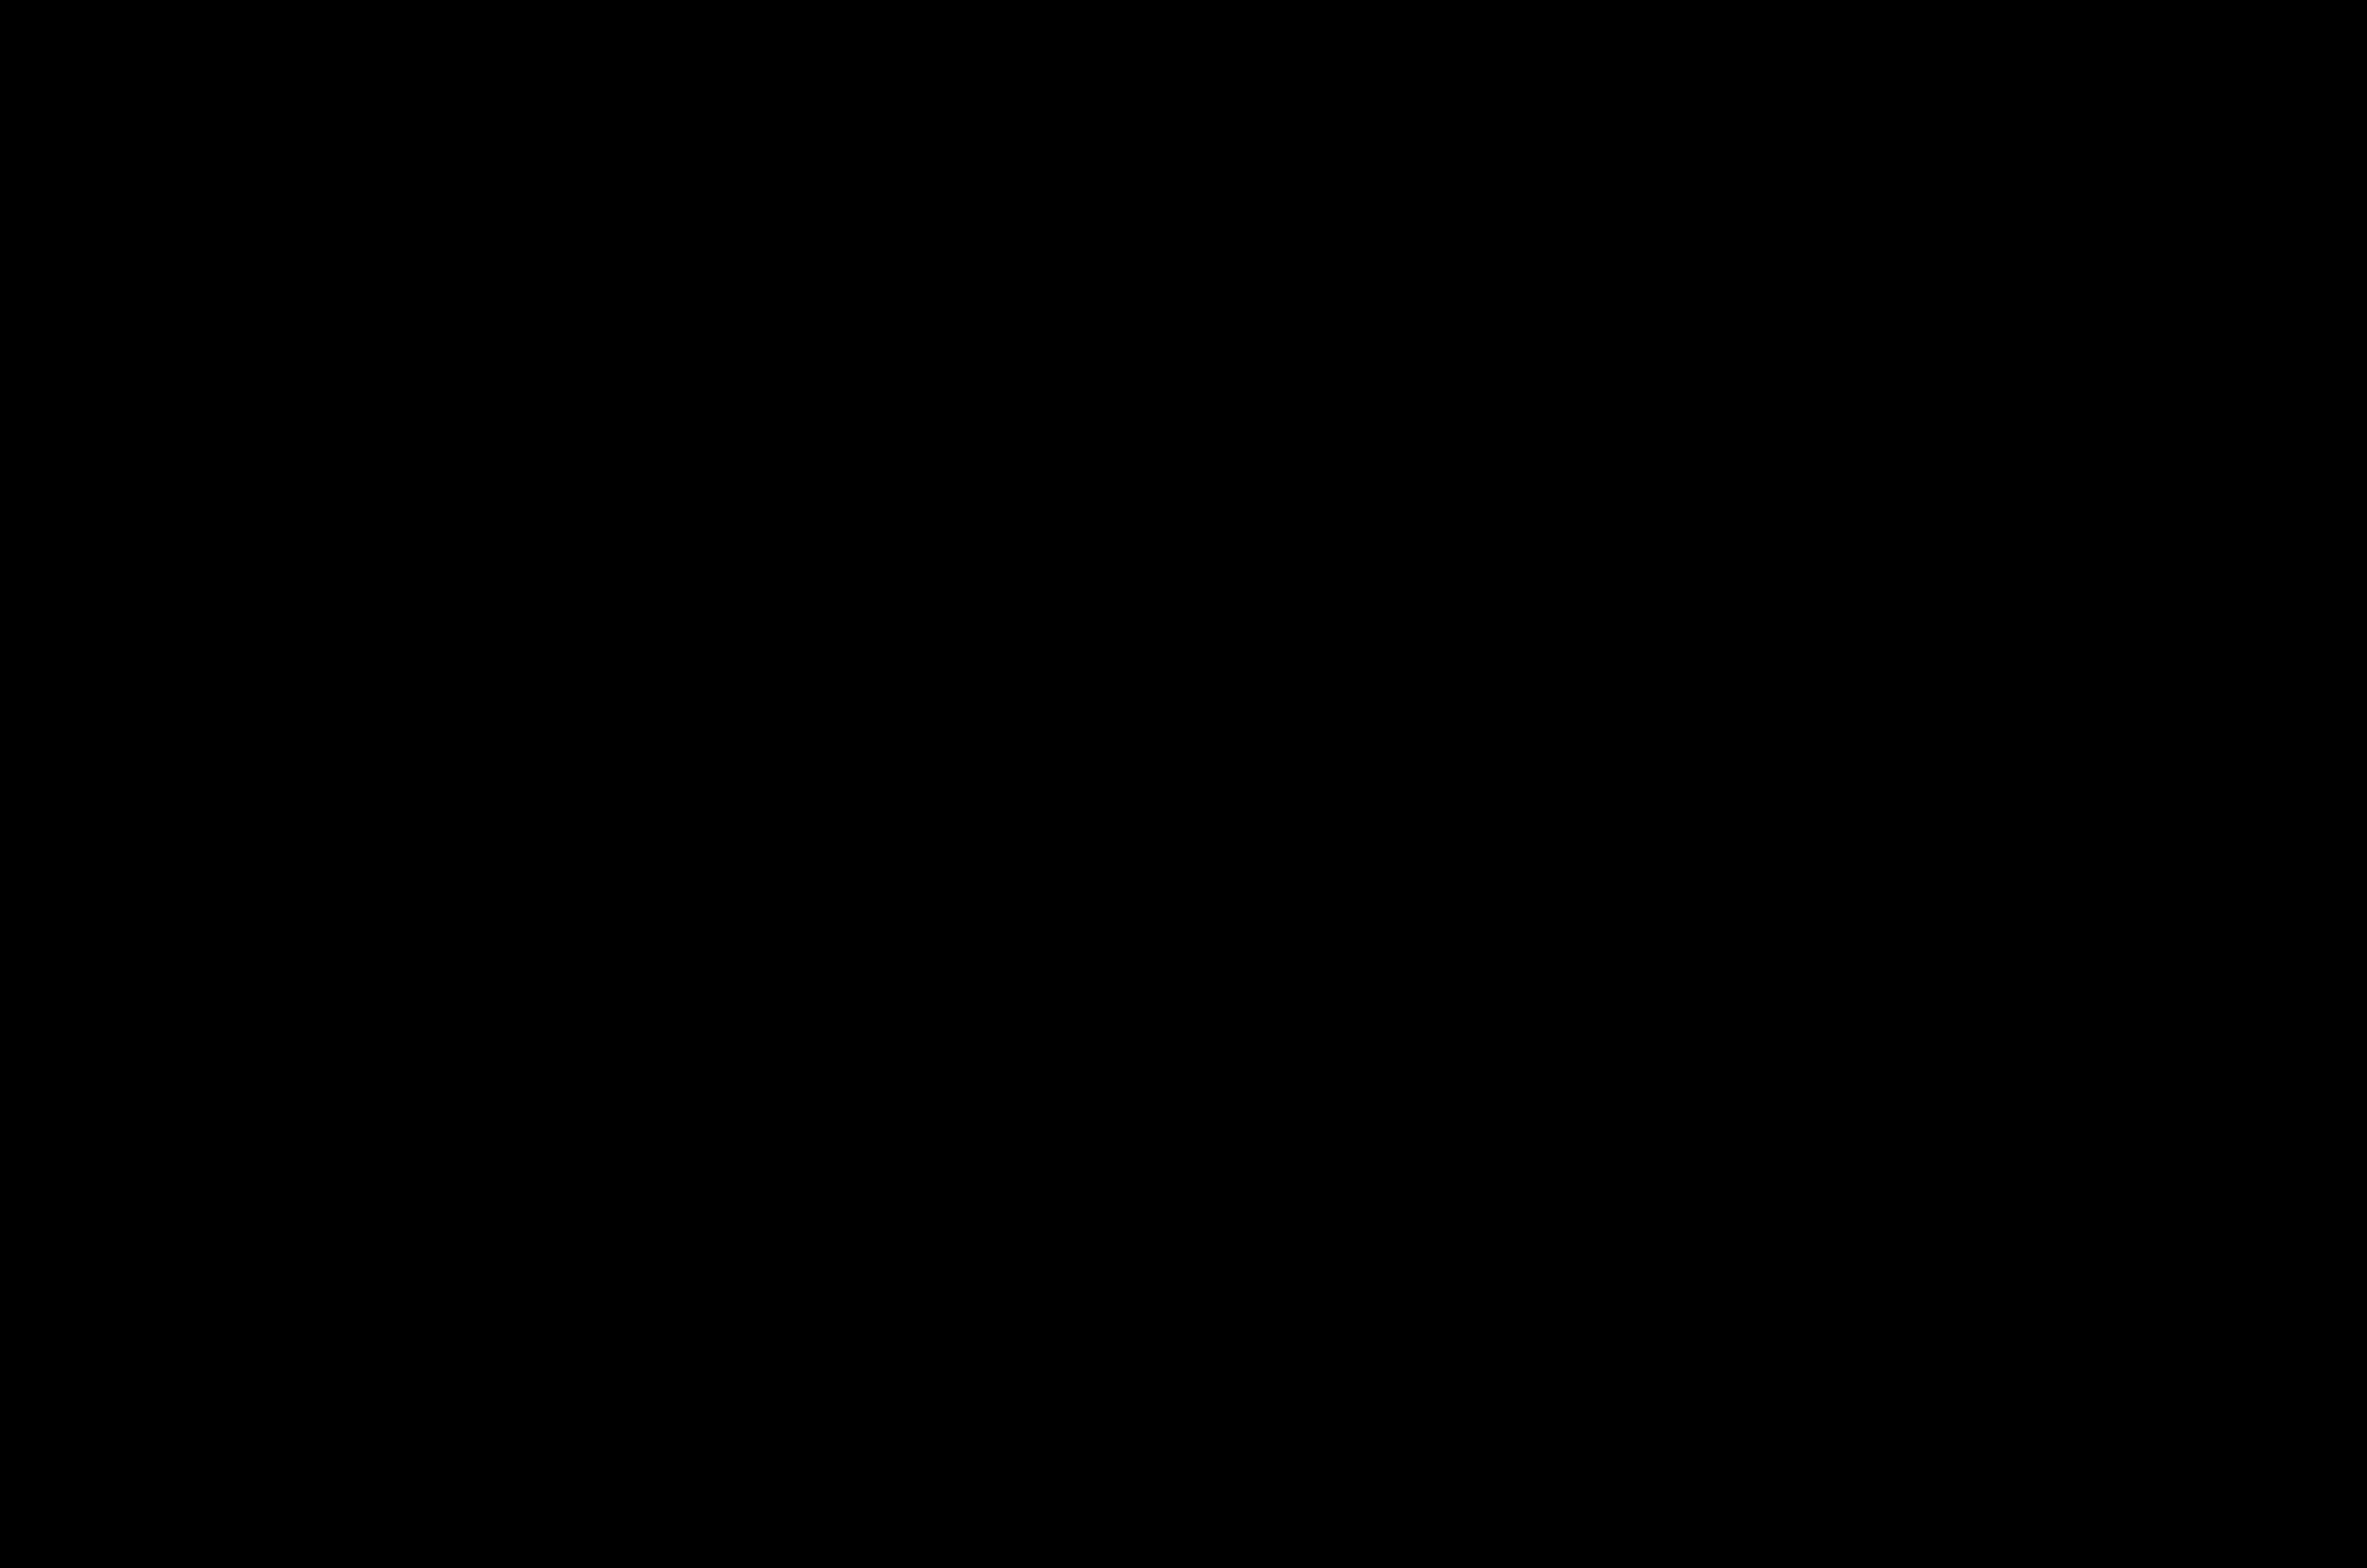 Shareholdersmodelnaarstakeholdersmodel